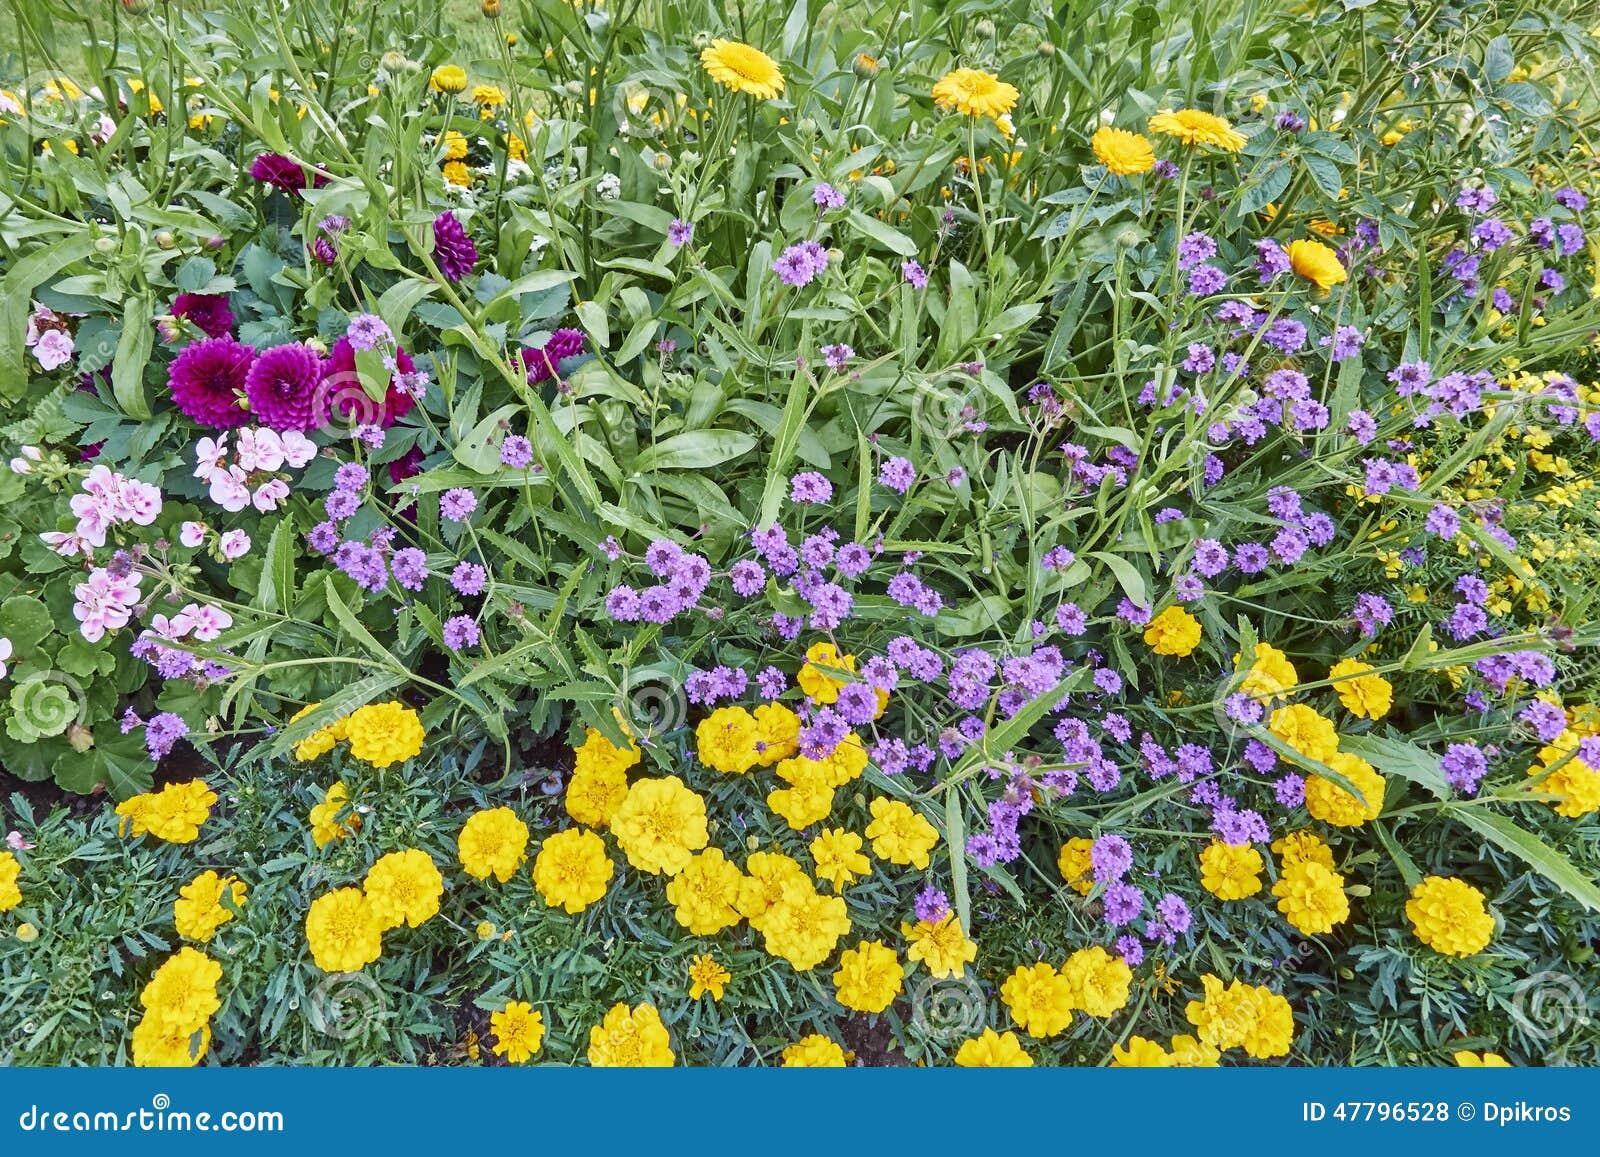 Various Garden Of Delights